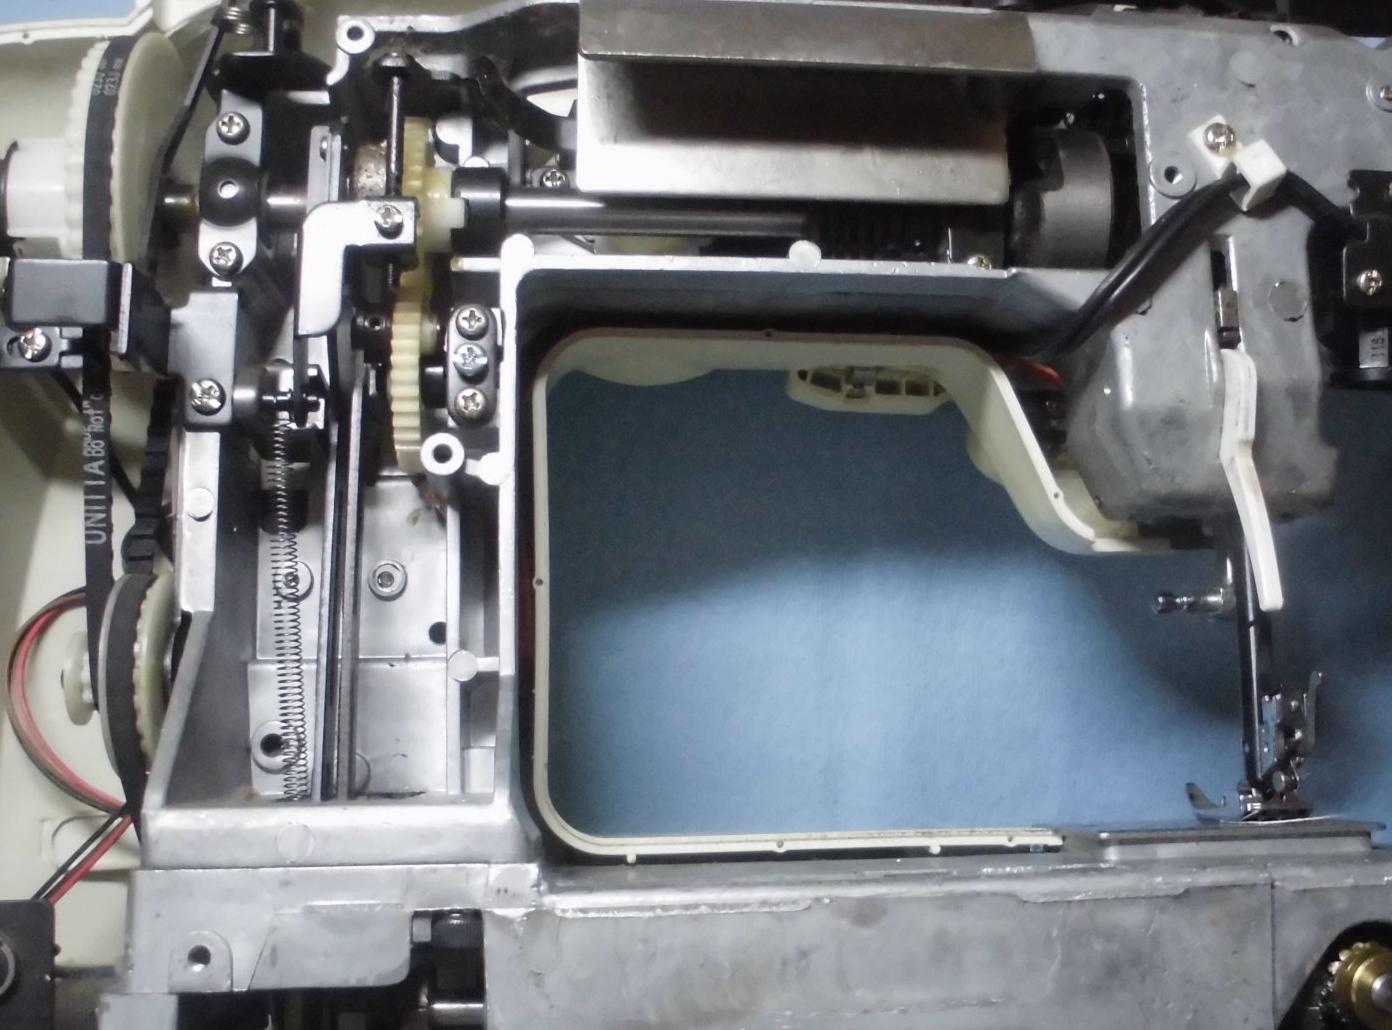 AG-002の分解オーバーホールメンテナンス修理|通販生活のミシン